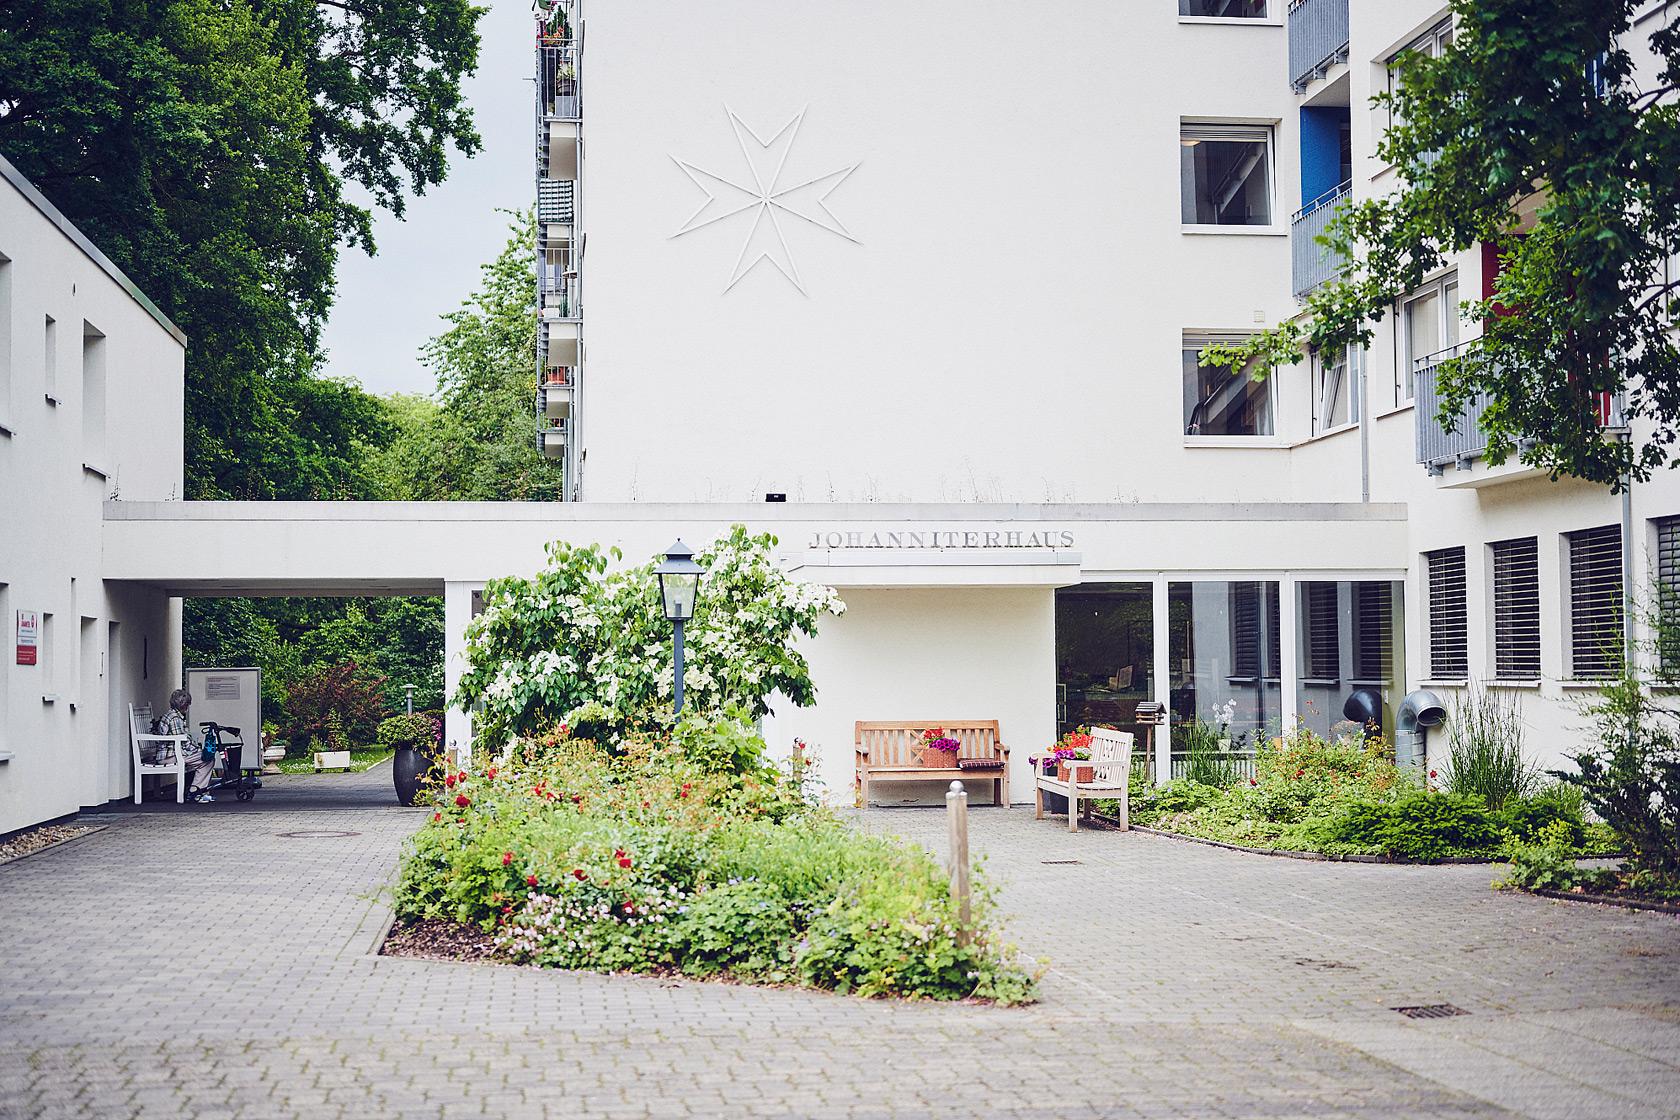 Auf dem Vorplatz des Einganges Johanniterhaus Bremen stehen Gartenbänke zur Nutzung gemeinsamer Treffs der Bewohner.